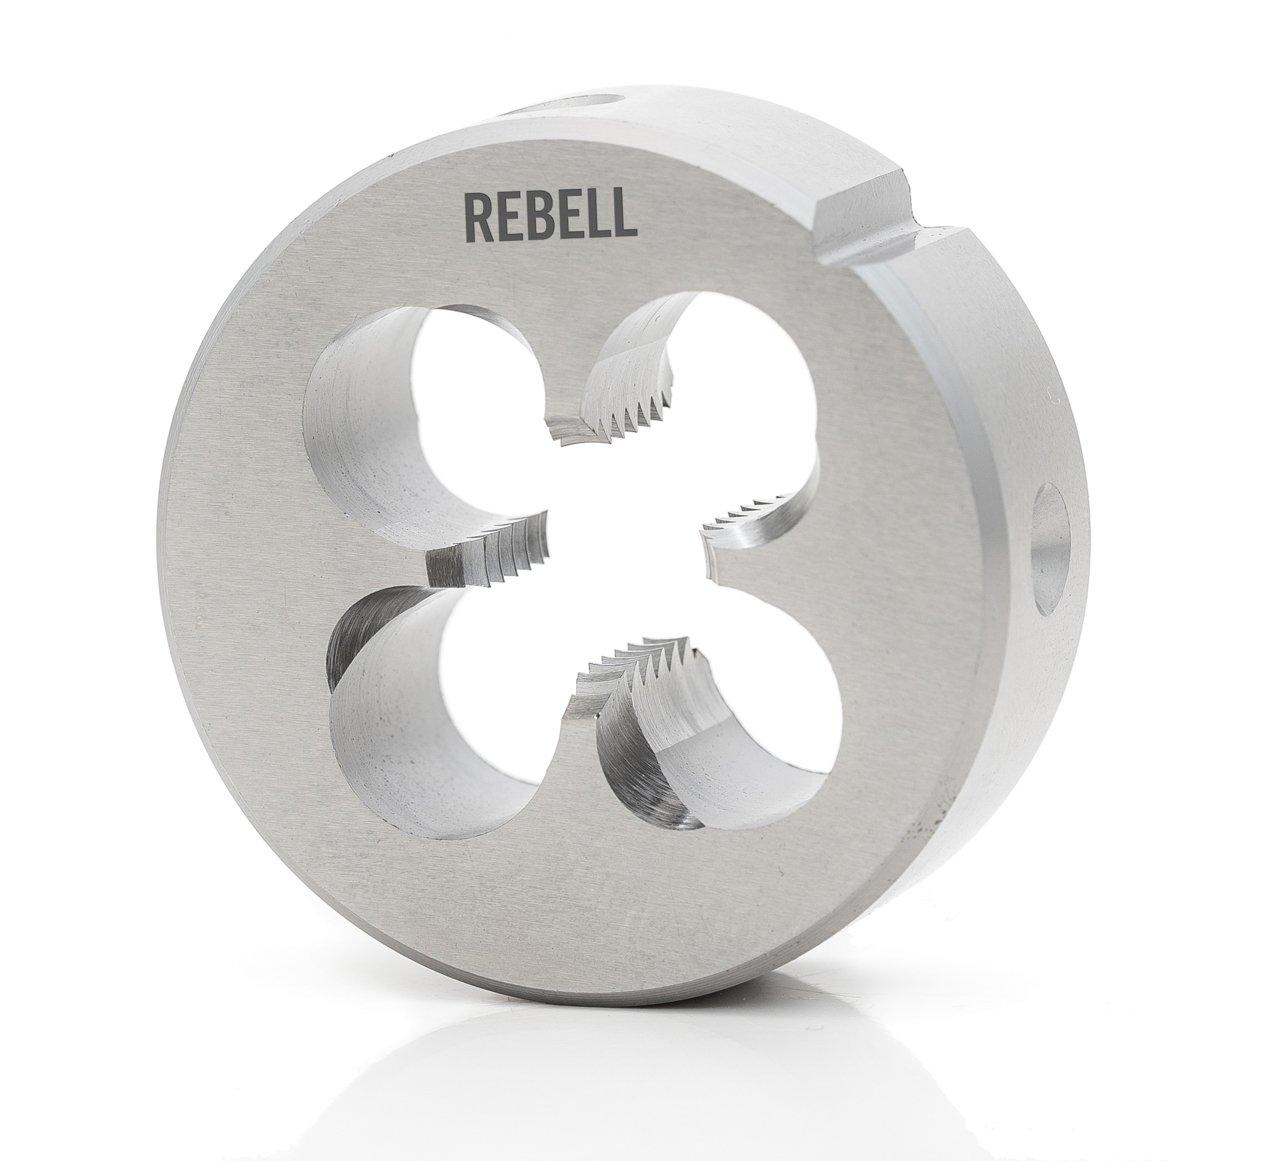 REBELL Schneideisen TR RH 7e HSS geläppt mit Schälanschnitt - EN 22568 - Typ N